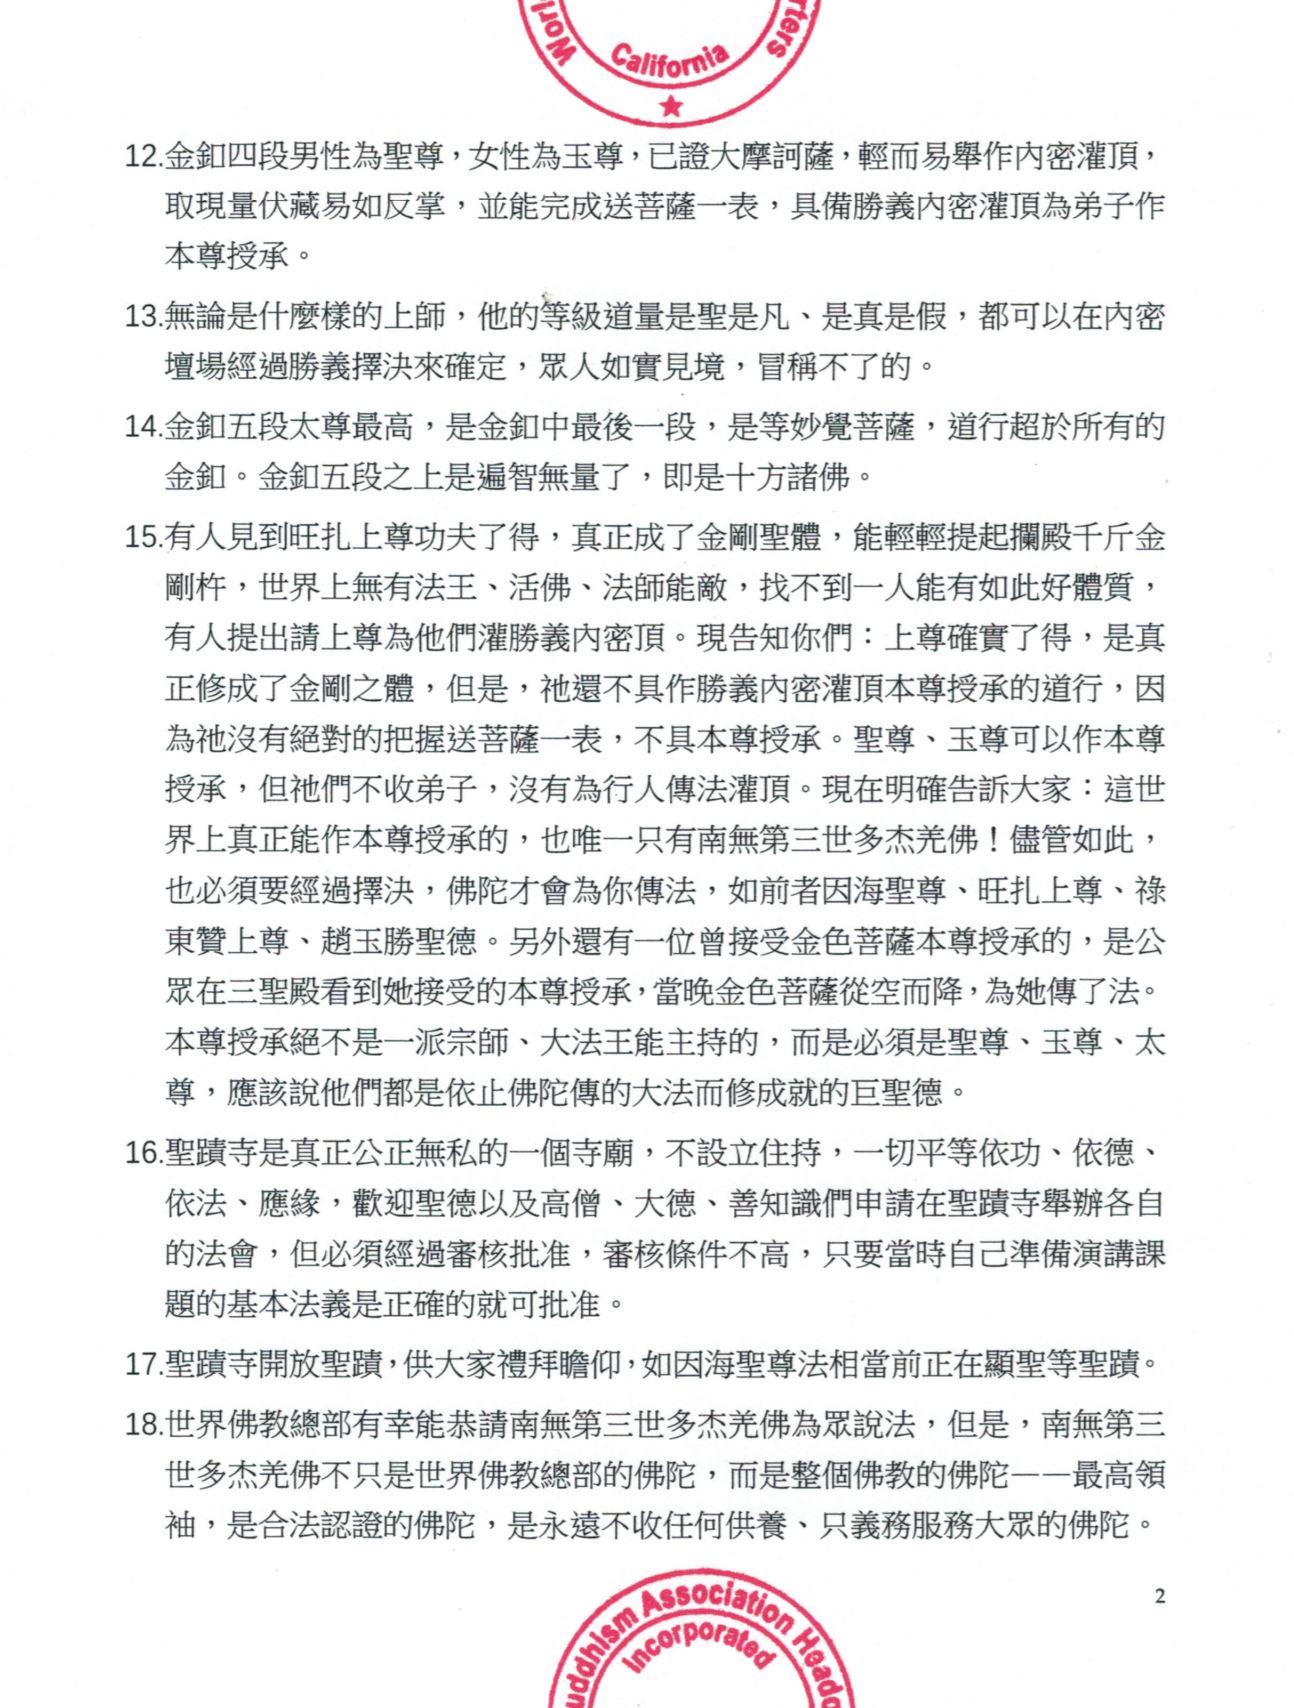 請大量轉發:世界佛教總部重要嚴肅公告(公告字第20190105號)-2